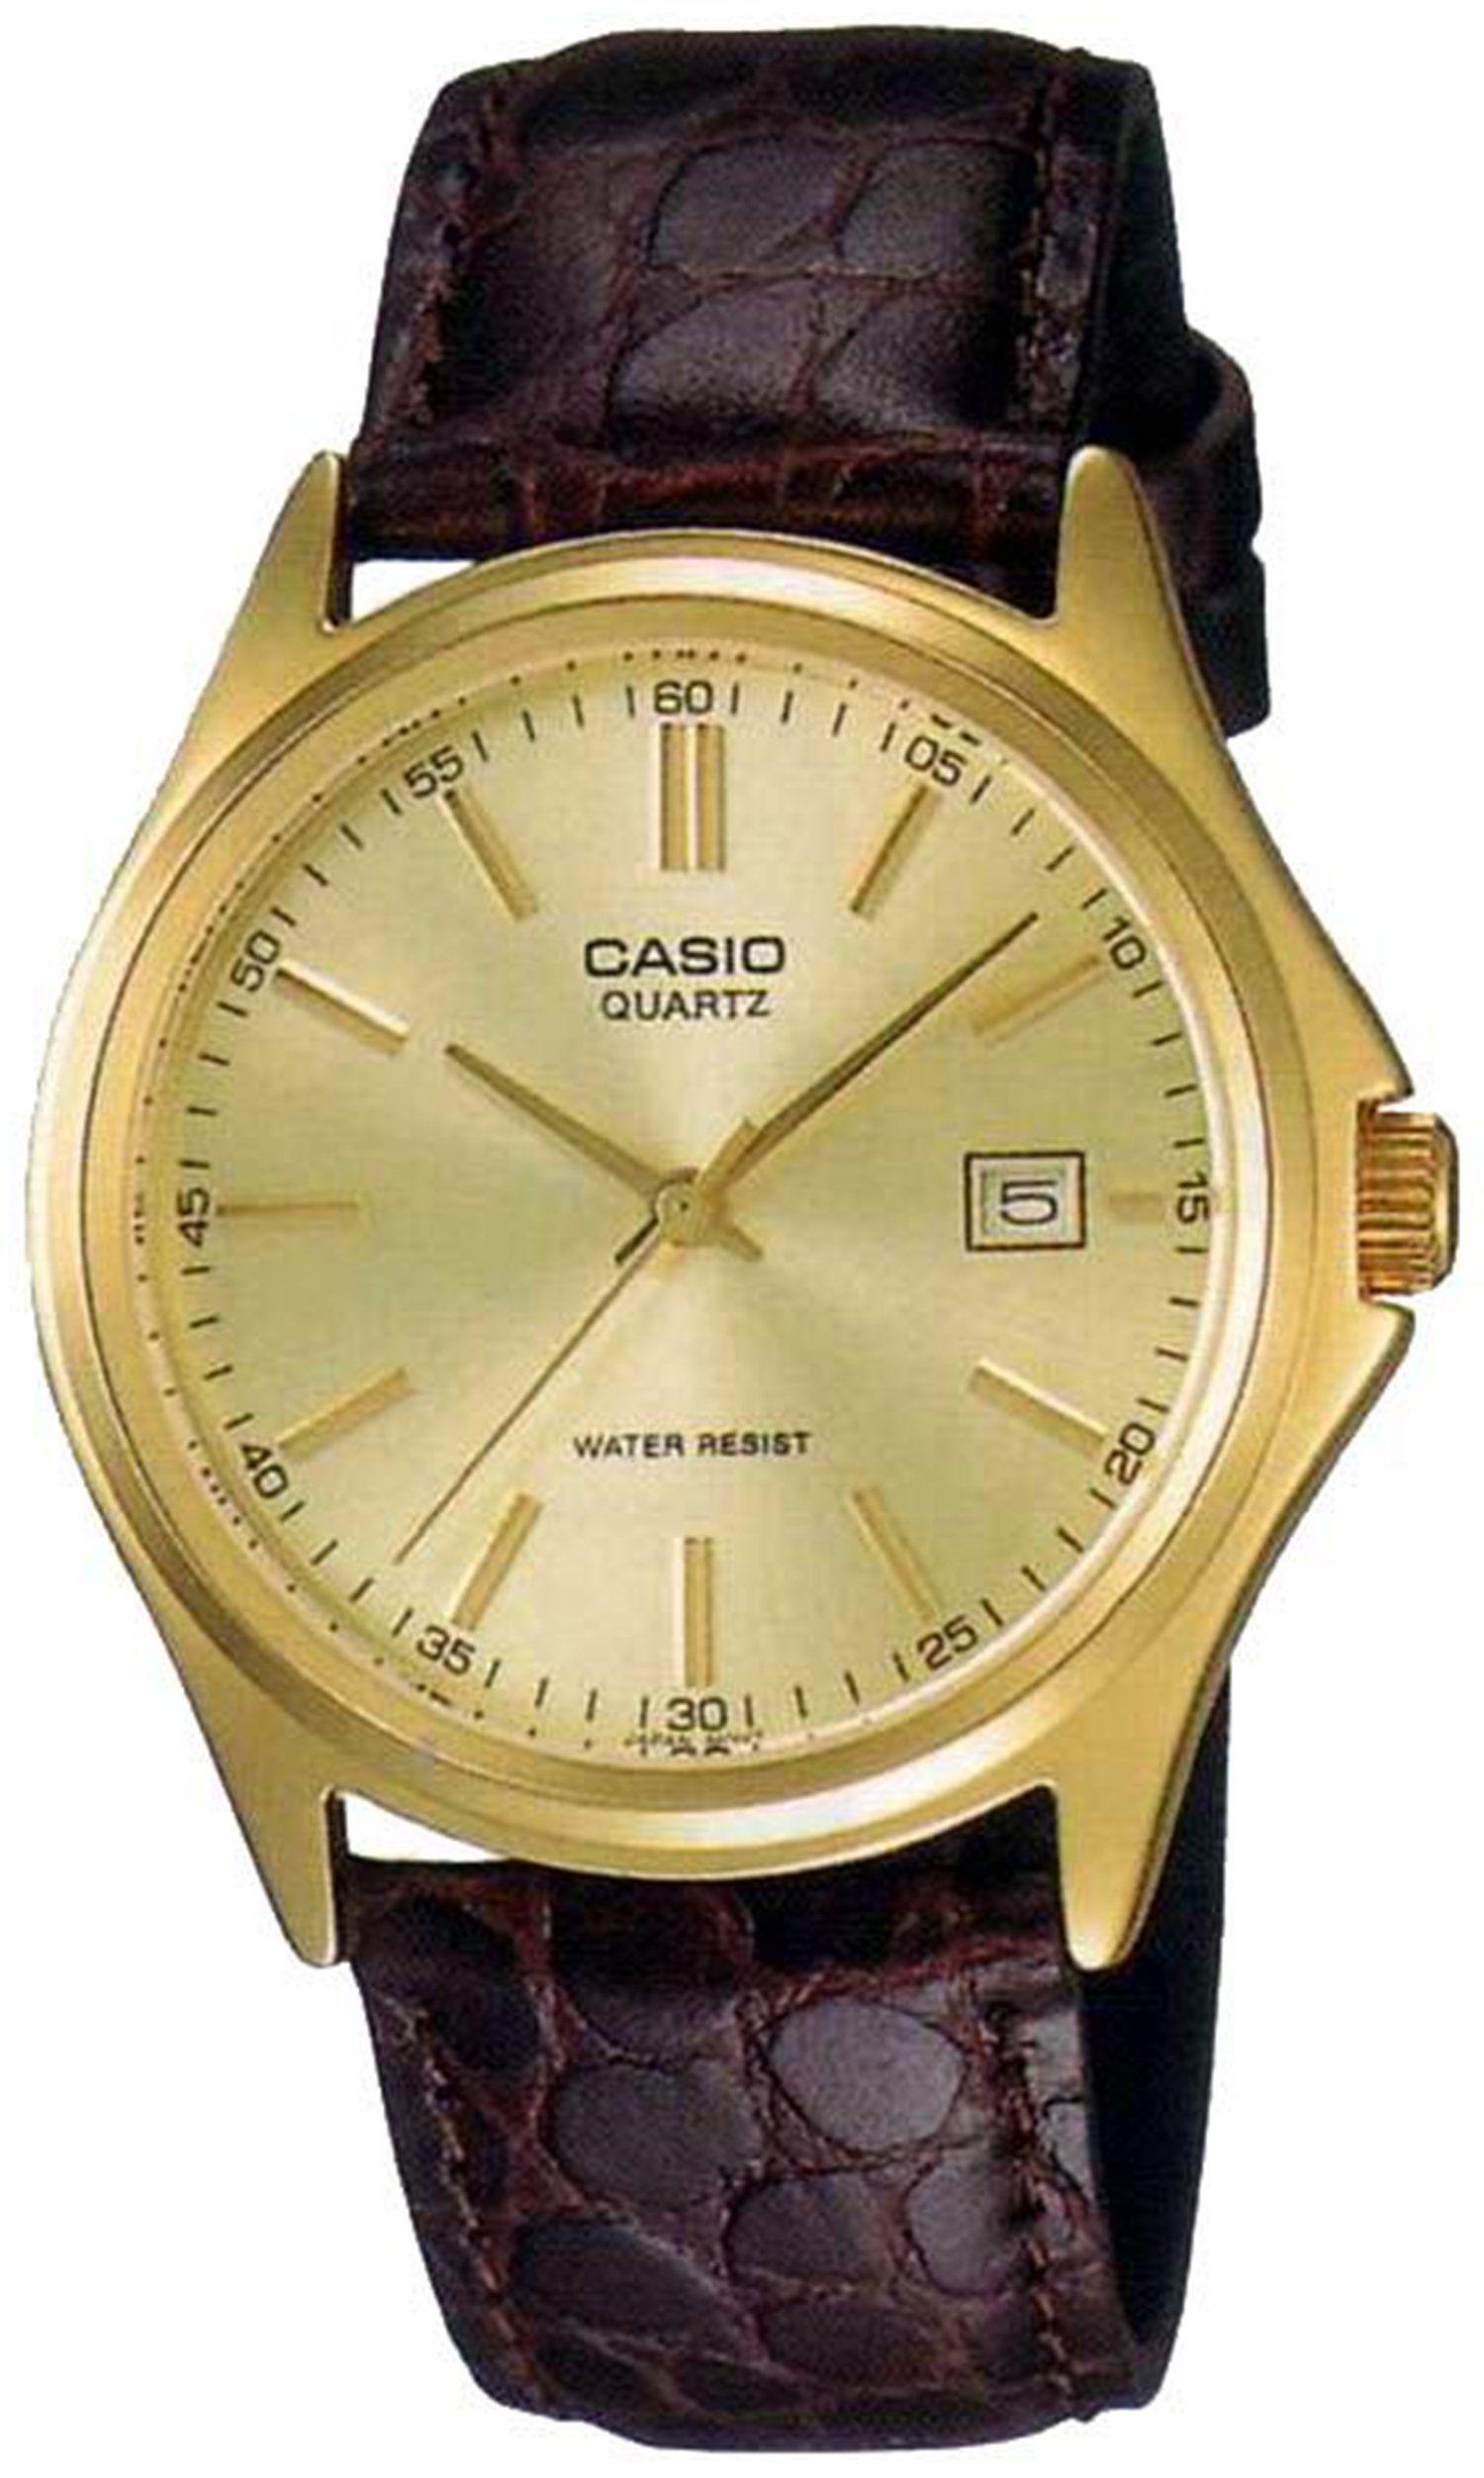 Casio reloj hombre piel marron MTP-1183Q-9A  Casio  Amazon.es  Relojes 764fe71e3e8c